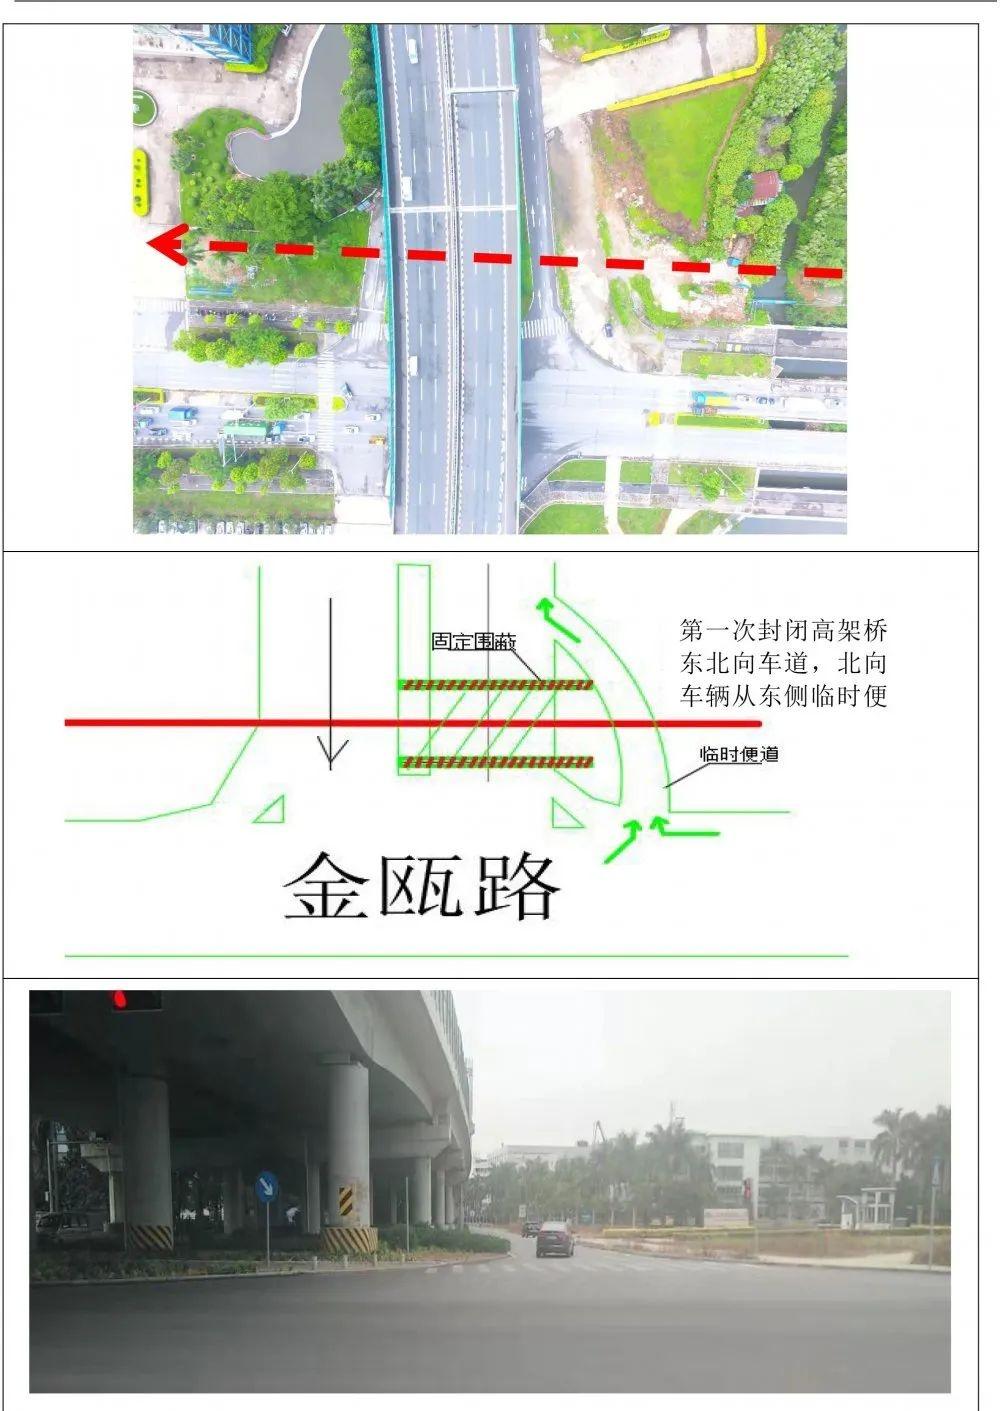 出行提示:江门市区这些路段有施工,龙湾入口封闭一条车道